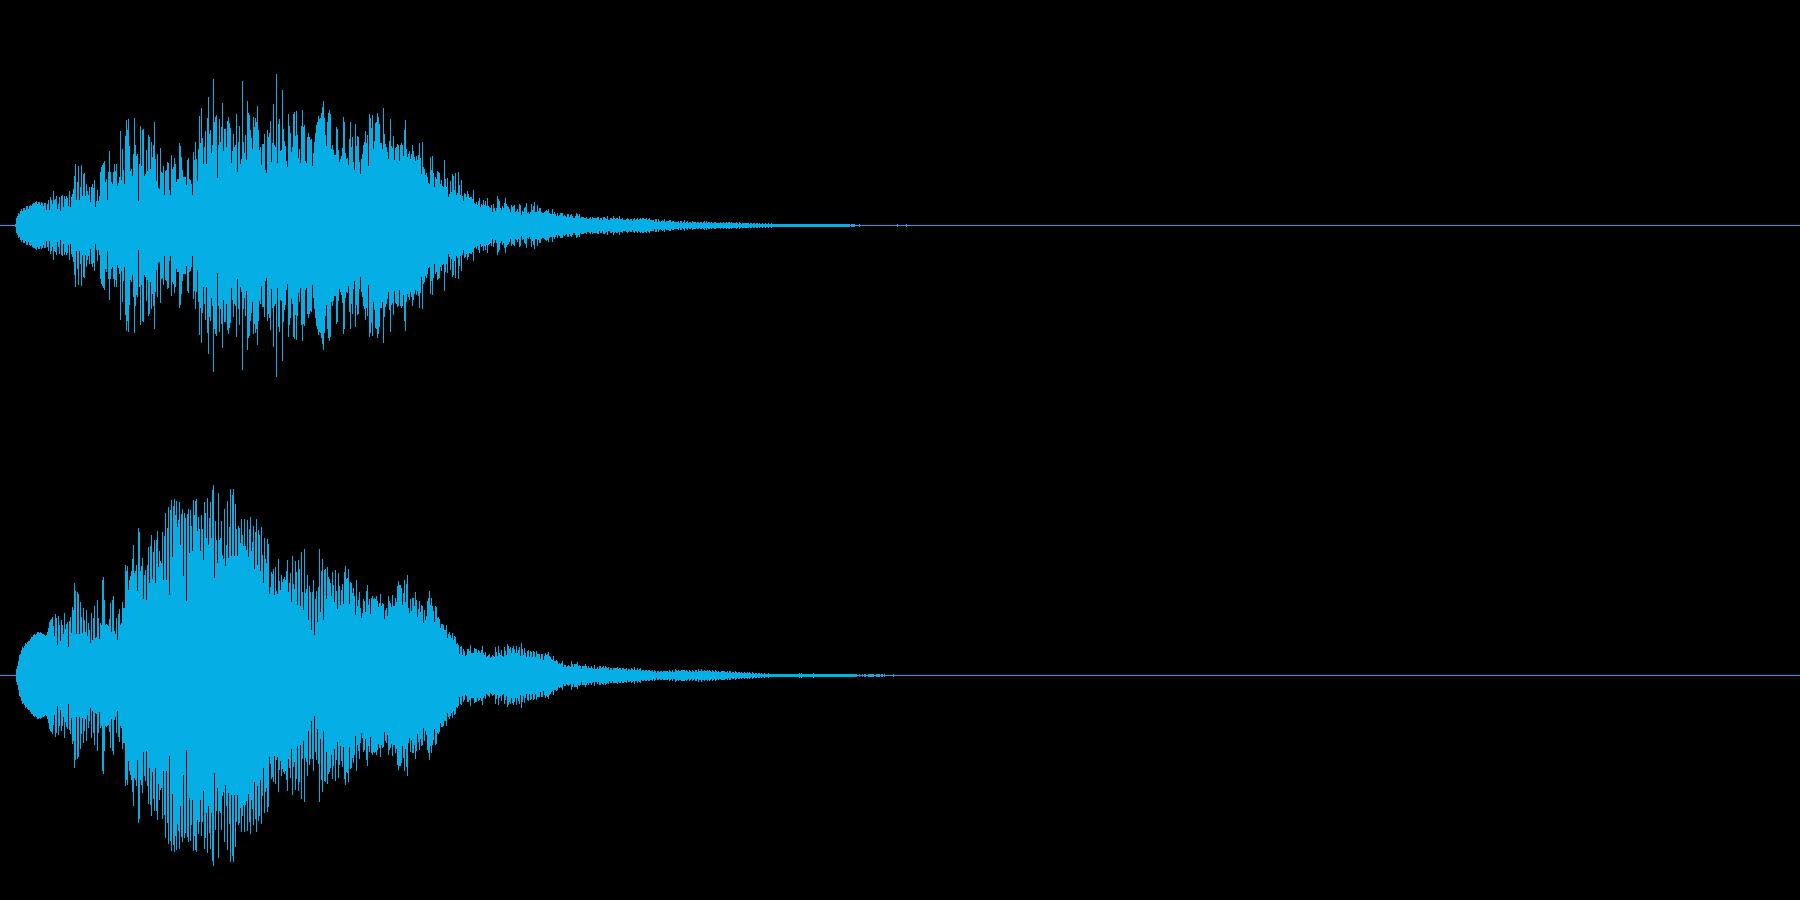 ハープ・上昇_7-2の再生済みの波形